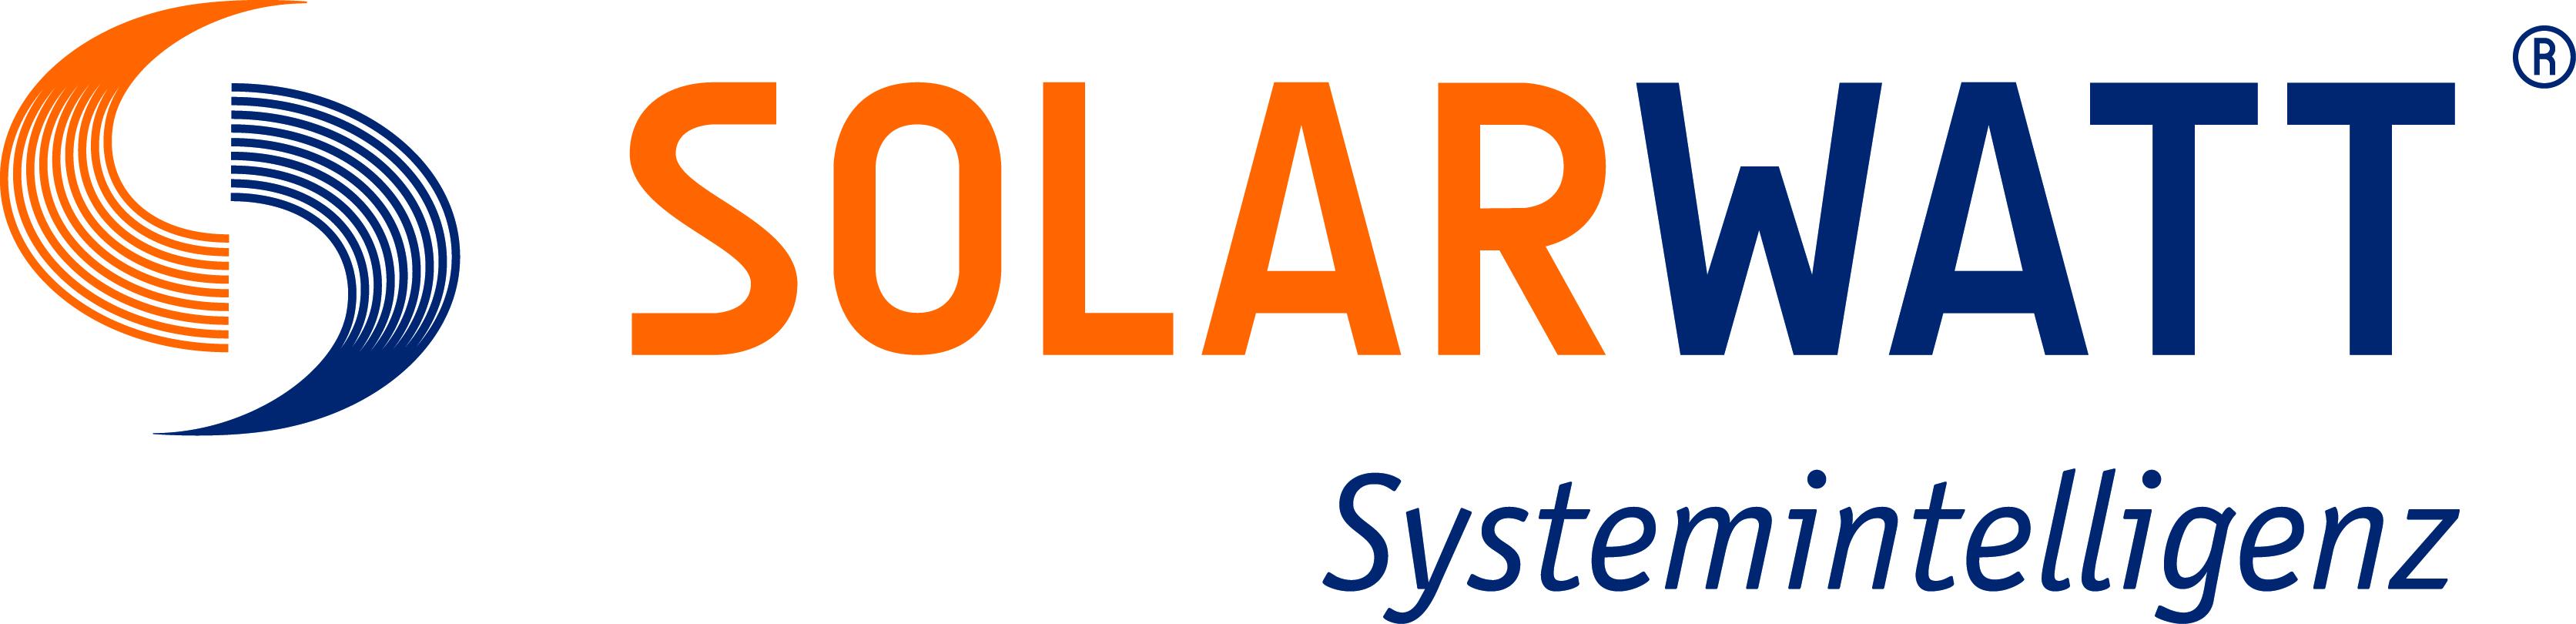 SOLARWATT - Baterie słoneczne, panele słoneczne, moduły słoneczne